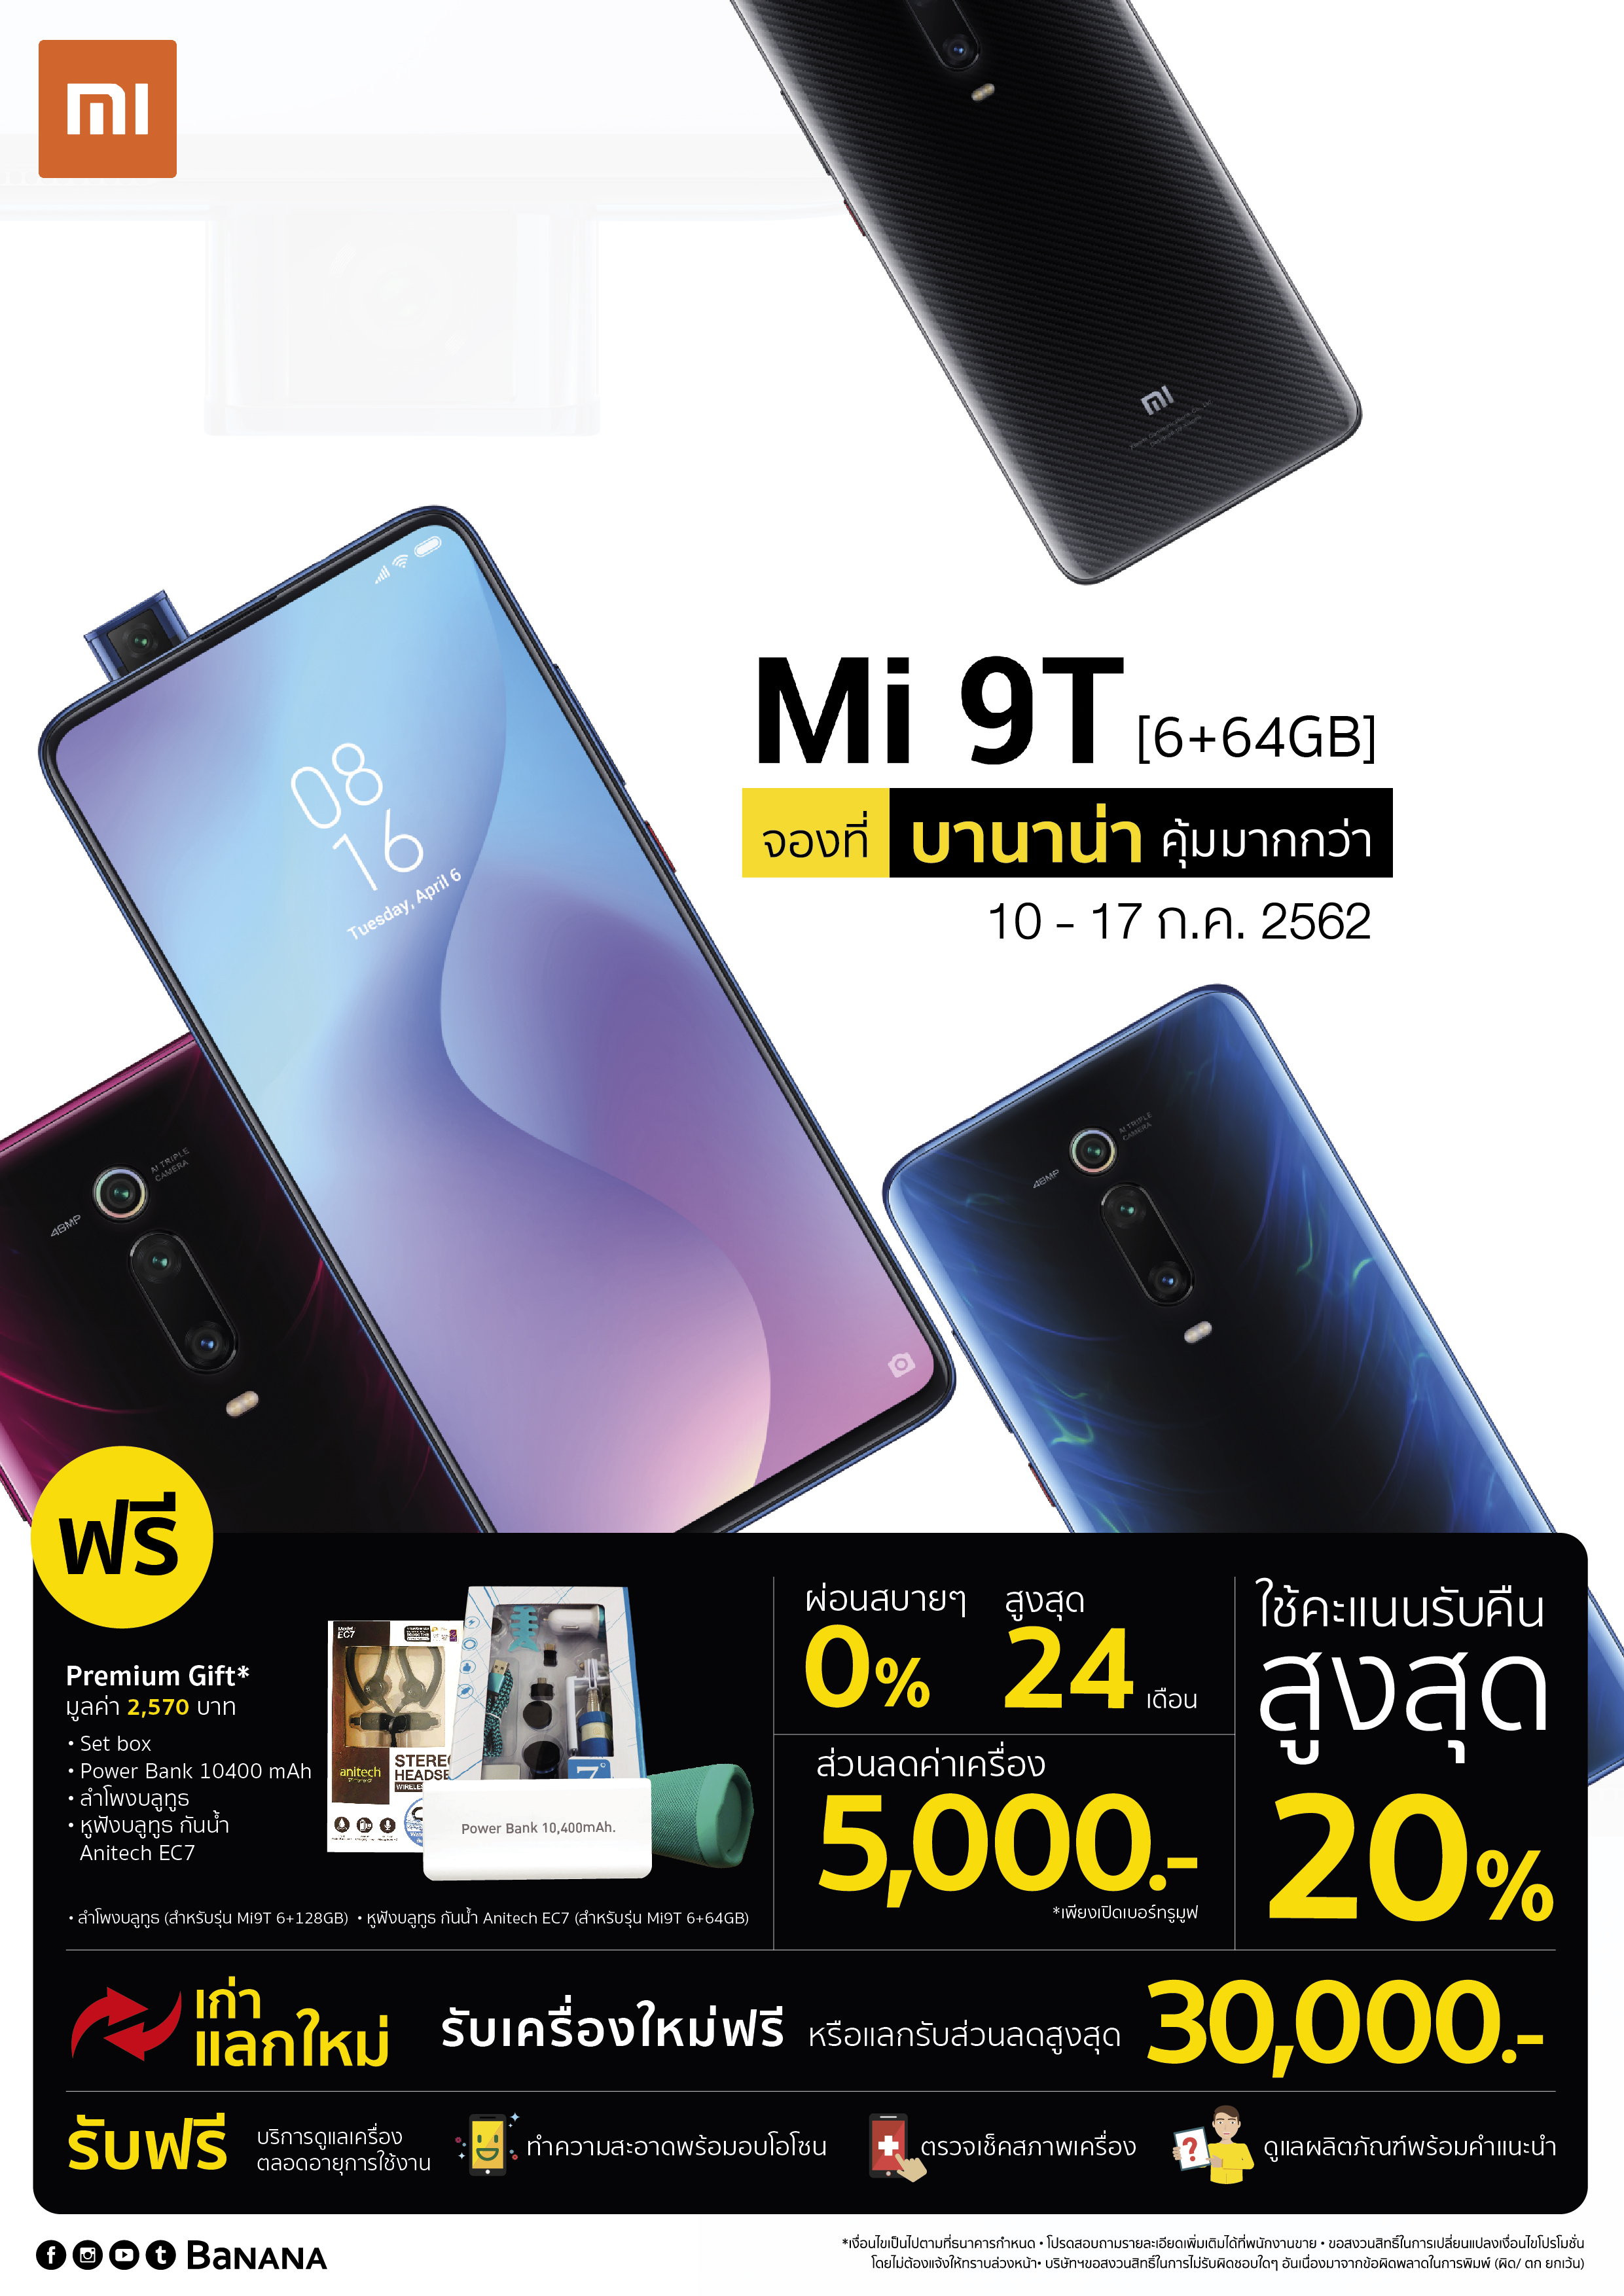 preorder-xiaomi-mi-9t-64gb